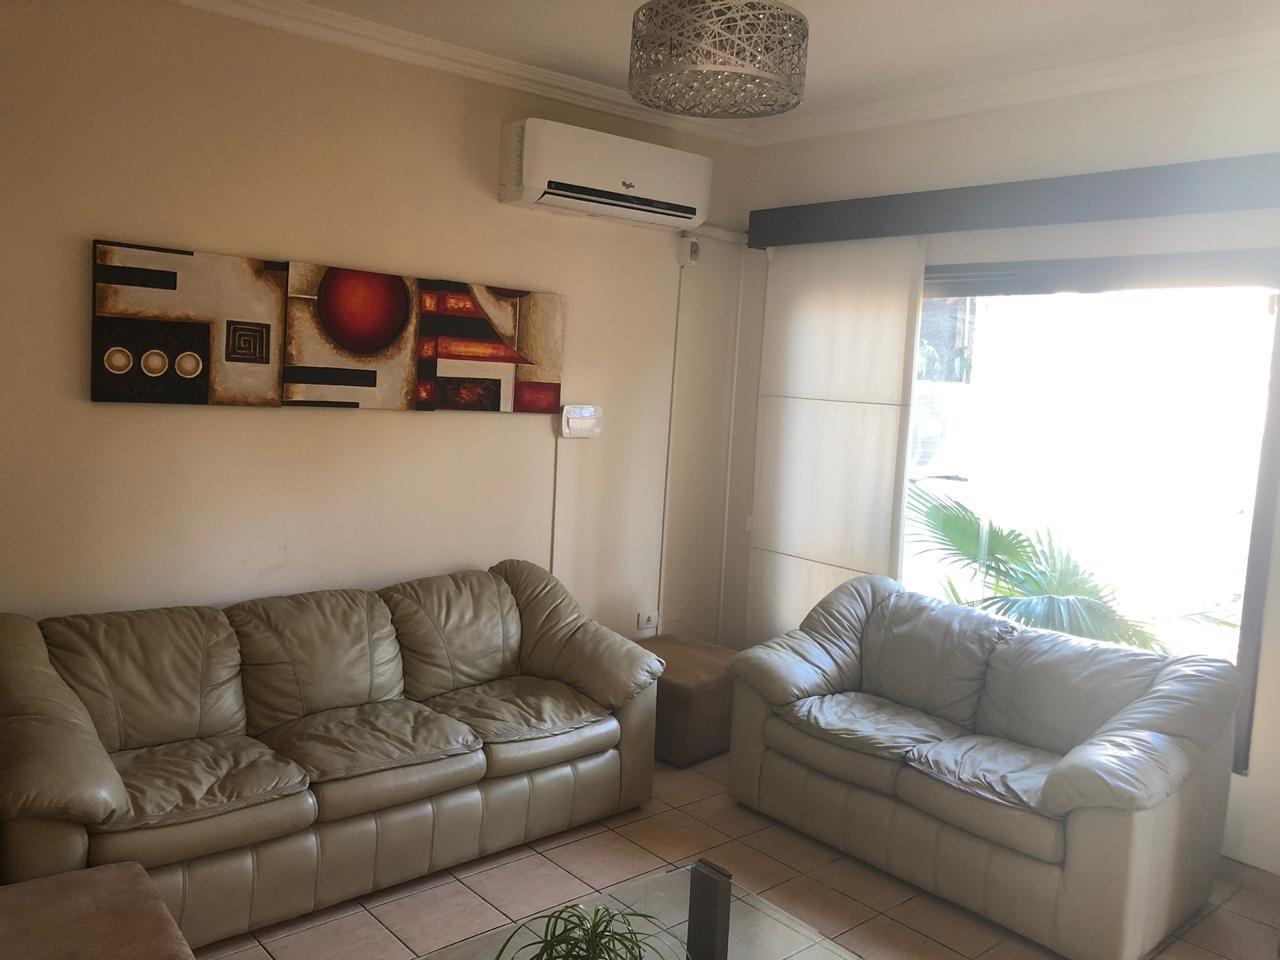 Casa en Venta AVENIDA BENI ENTRE 4TO Y 5TO ANILLO  Foto 2